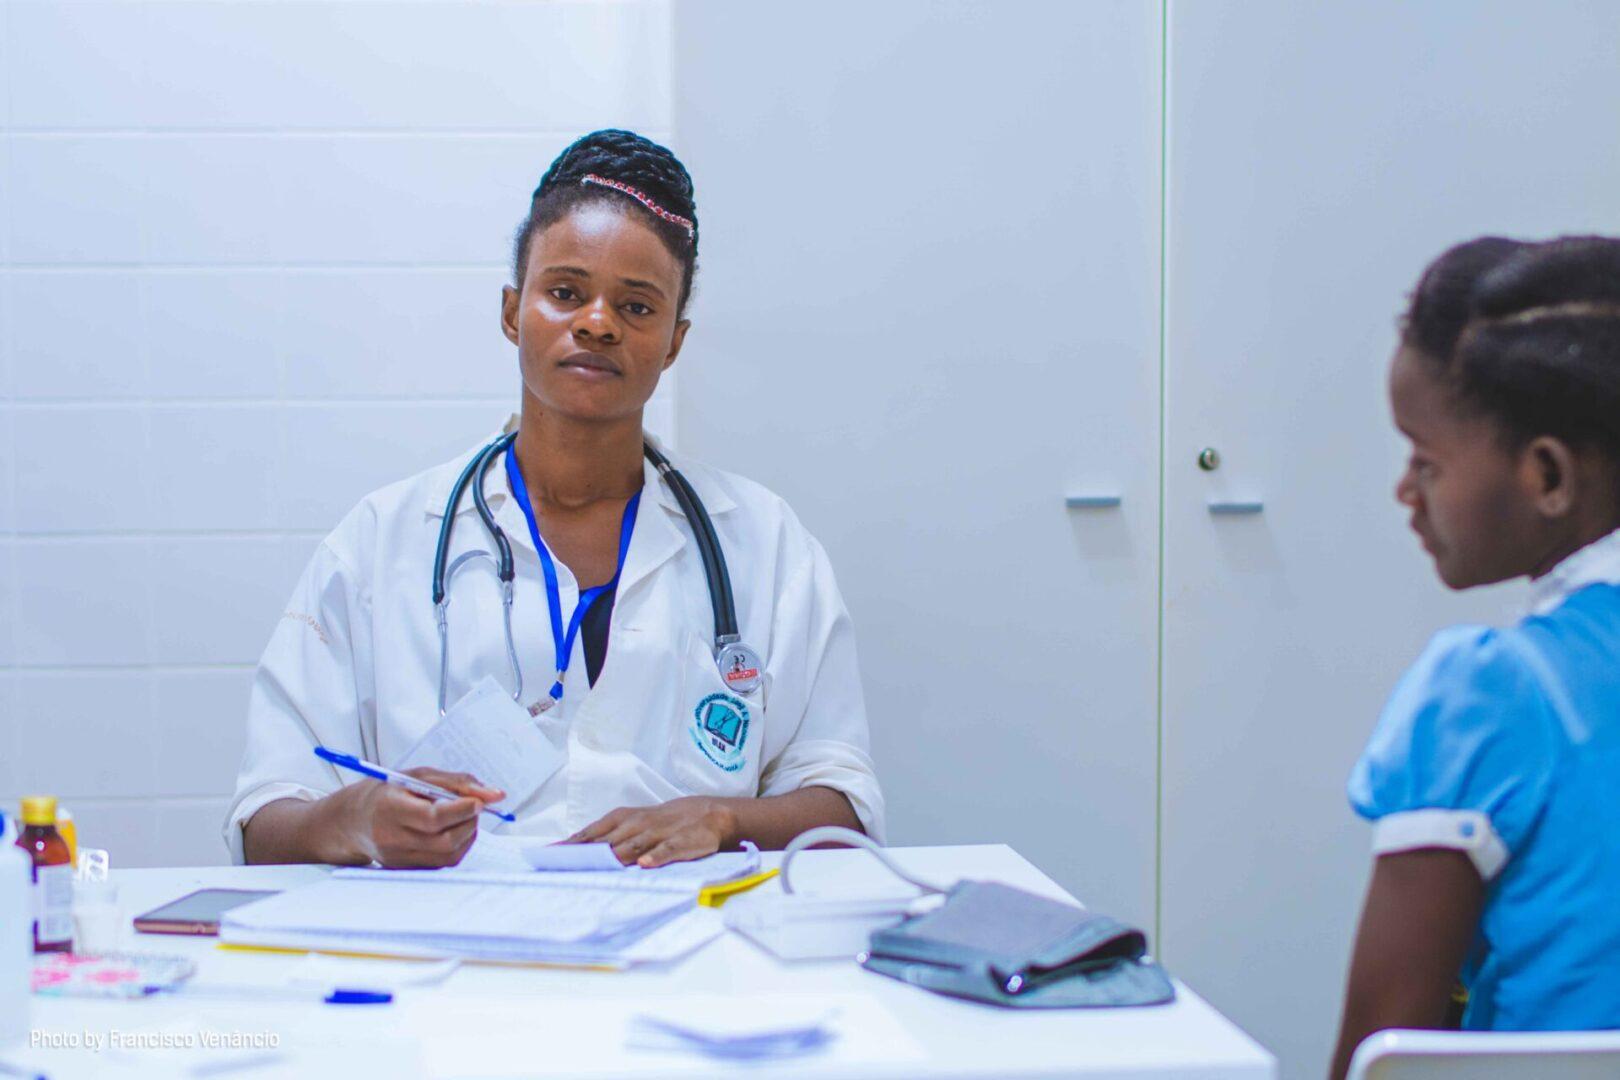 Hospital Care Group